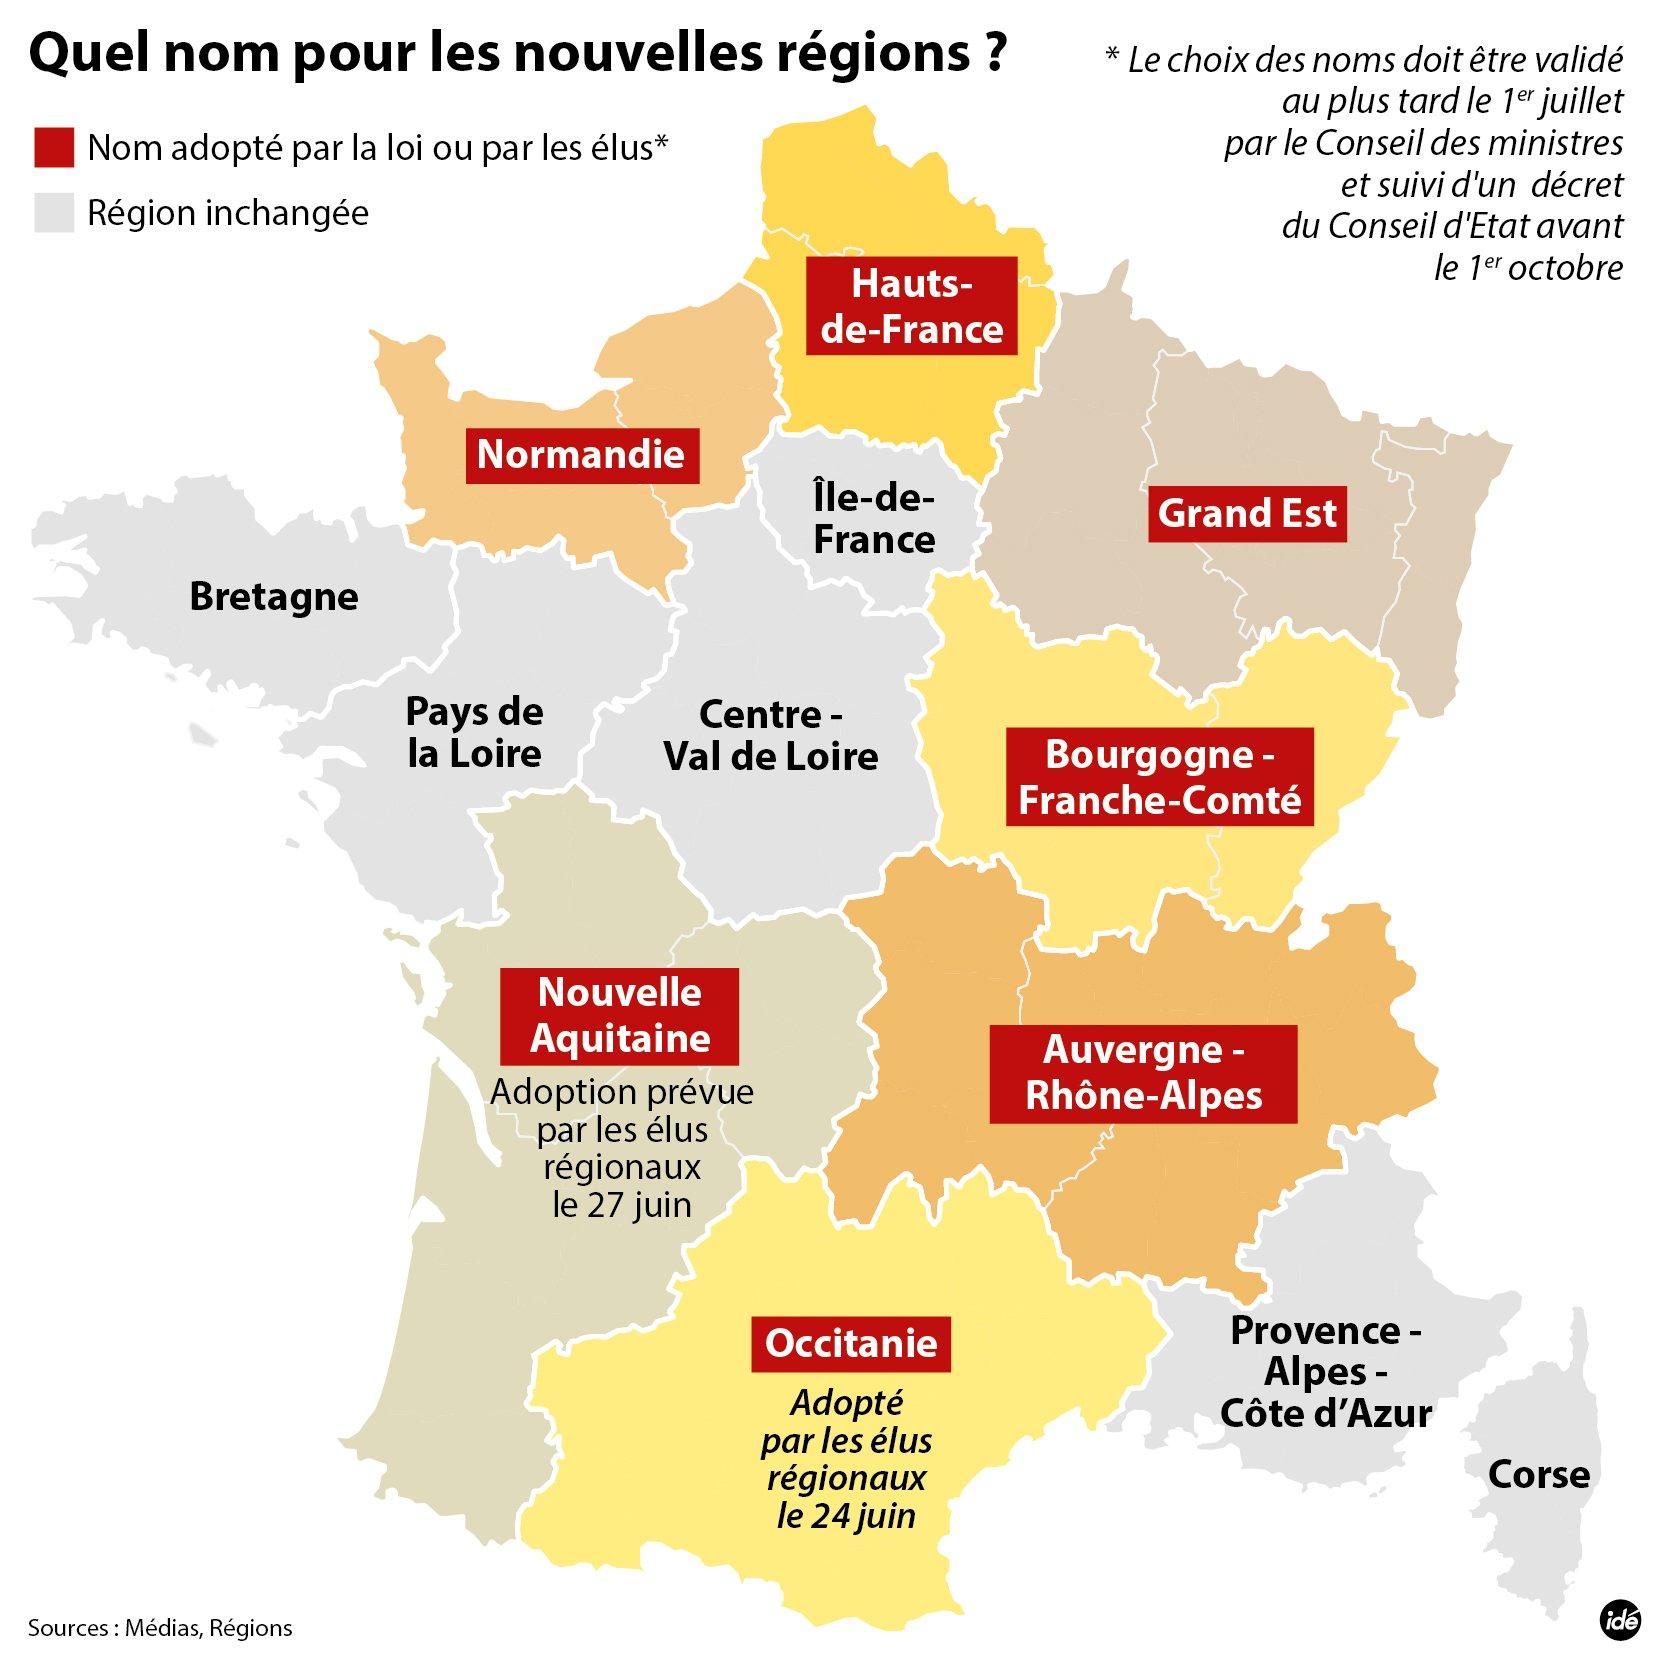 Nouvelle-Aquitaine : Nouveau Nom De La Grande Région pour Nouvelle Carte Des Régions De France